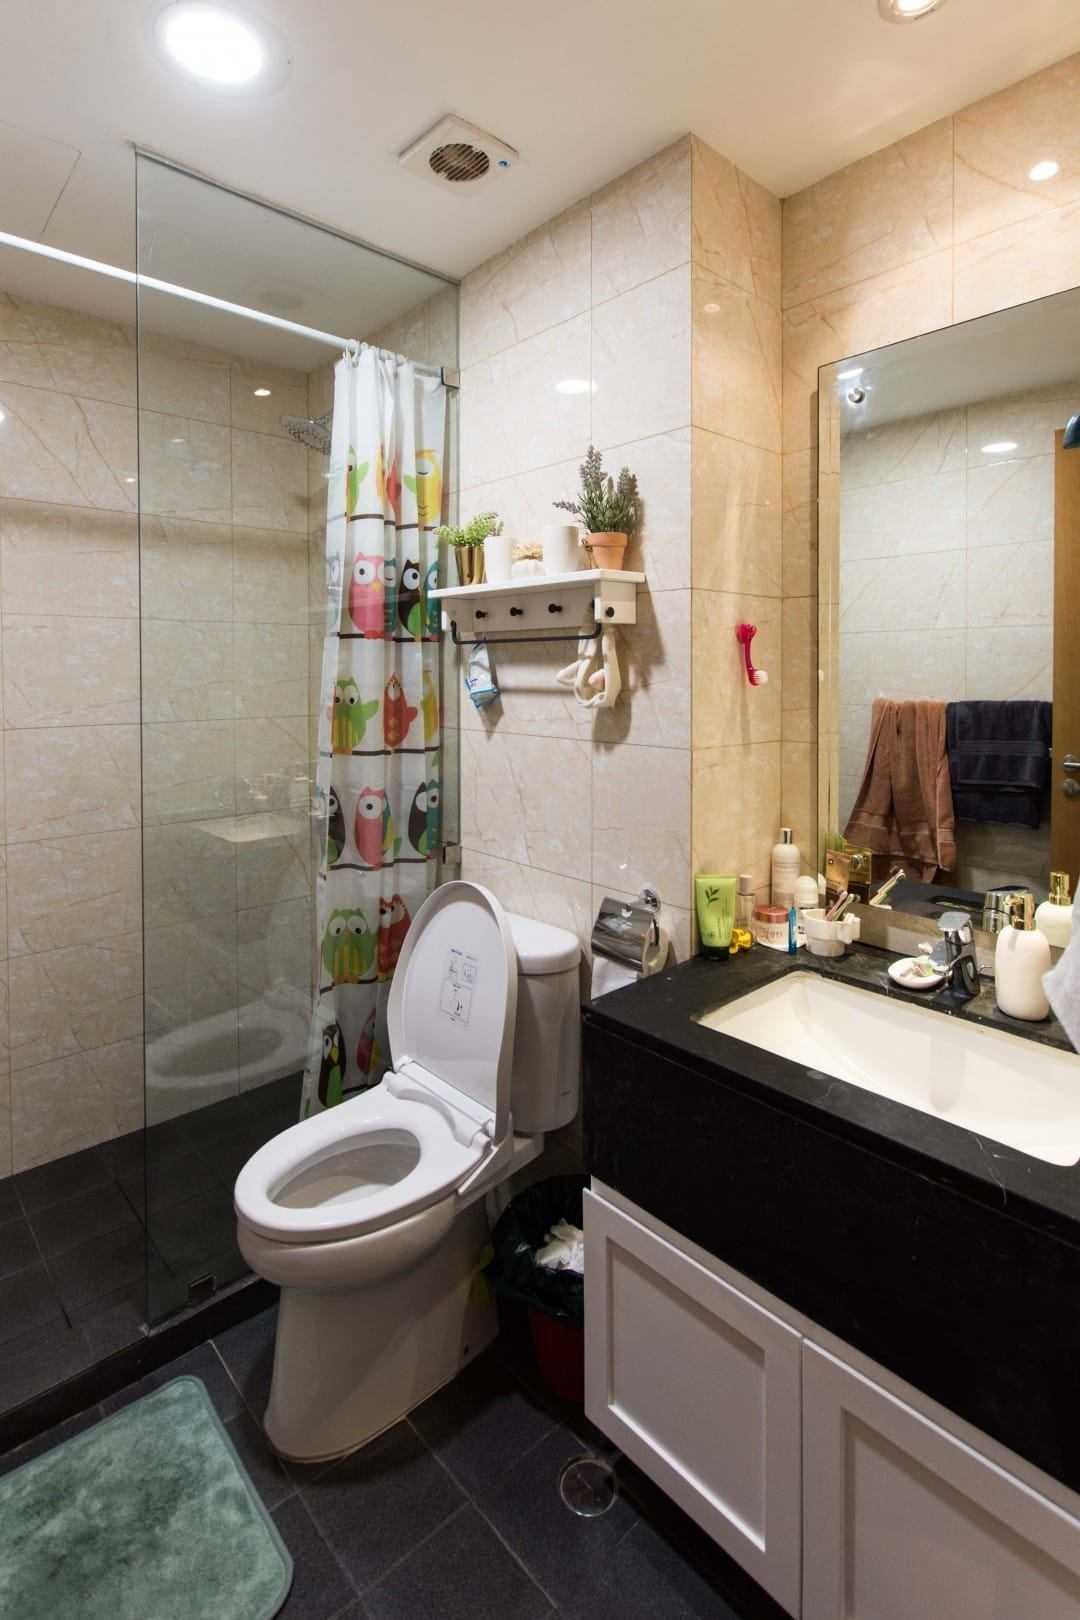 Total Renov Apartemen The Mansion 2 Bedroom Jakarta Pusat, Kota Jakarta Pusat, Daerah Khusus Ibukota Jakarta, Indonesia Jakarta Pusat, Kota Jakarta Pusat, Daerah Khusus Ibukota Jakarta, Indonesia Total-Renov-Apartemen-The-Mansion  54747